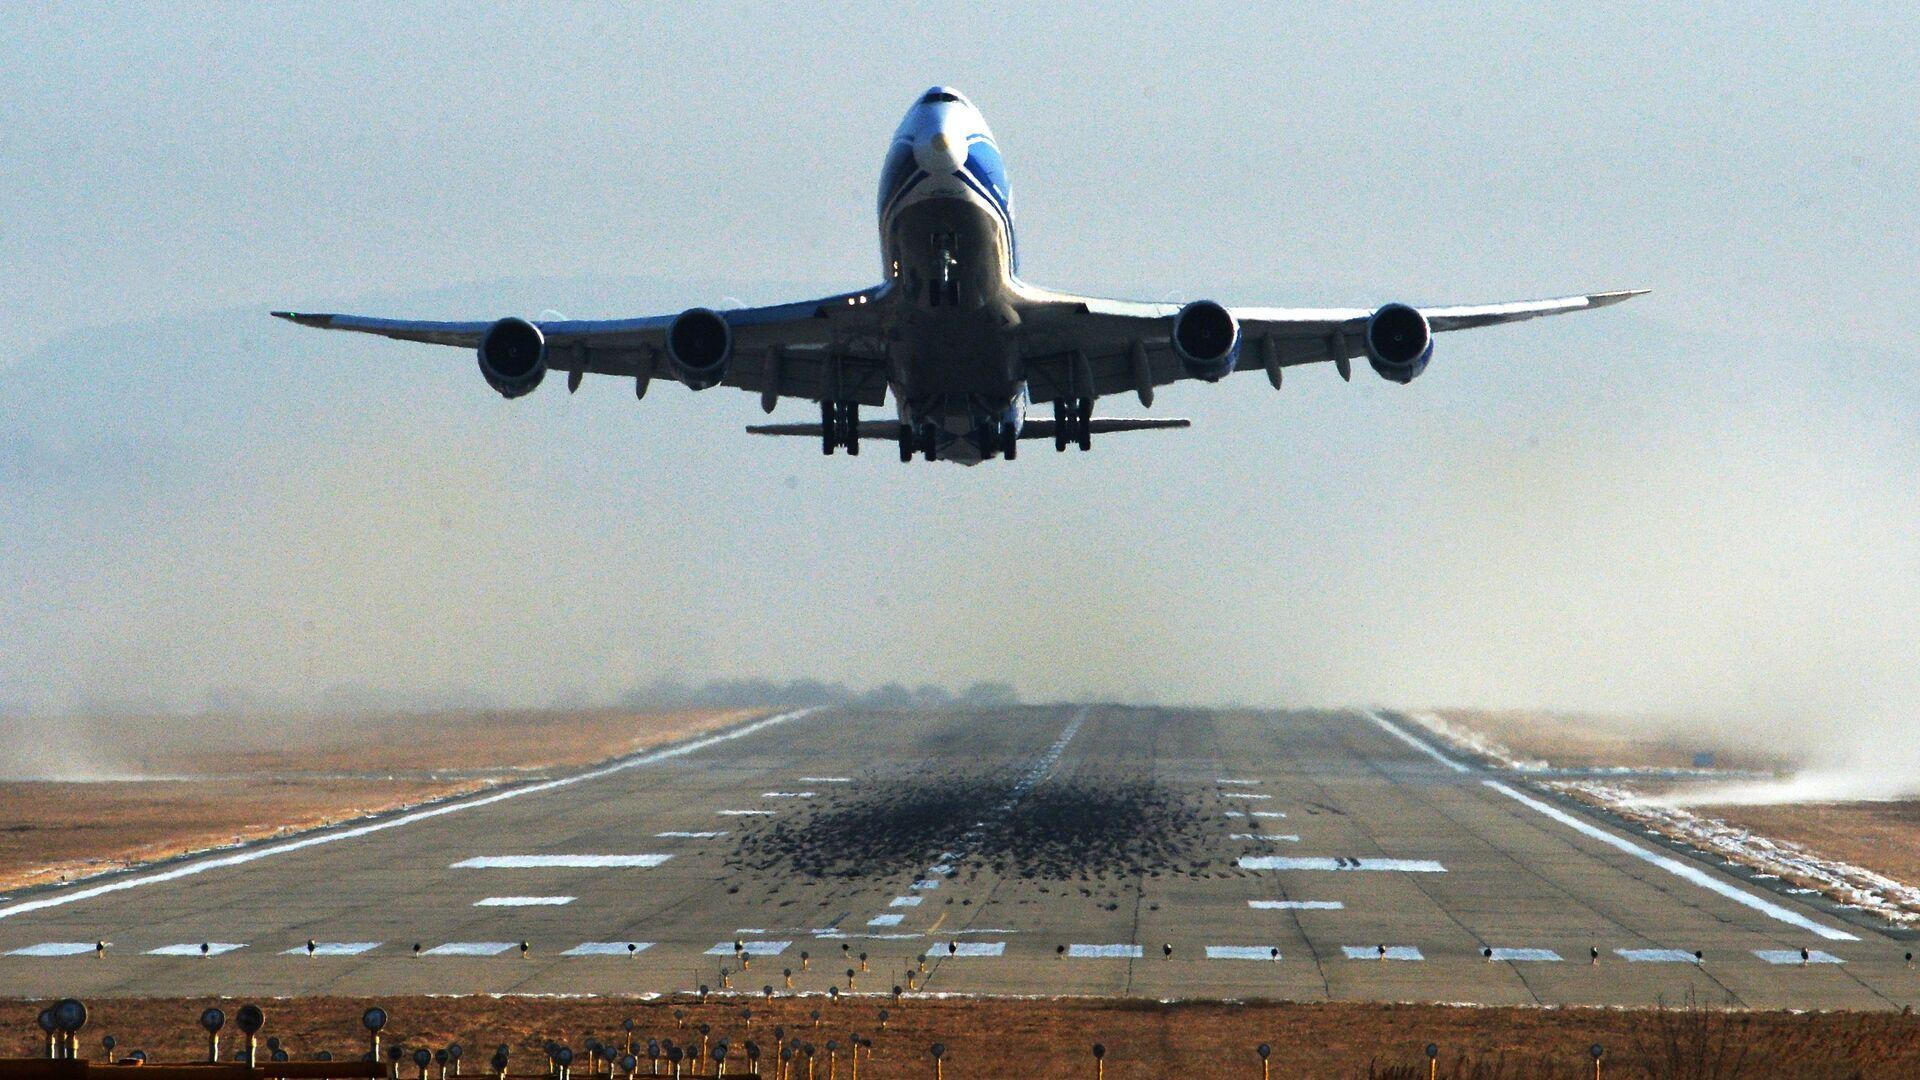 Грузовой самолет Boeing 747-400F авиакомпании AirBridgeCargo в аэропорту Владивостока - РИА Новости, 1920, 07.06.2021